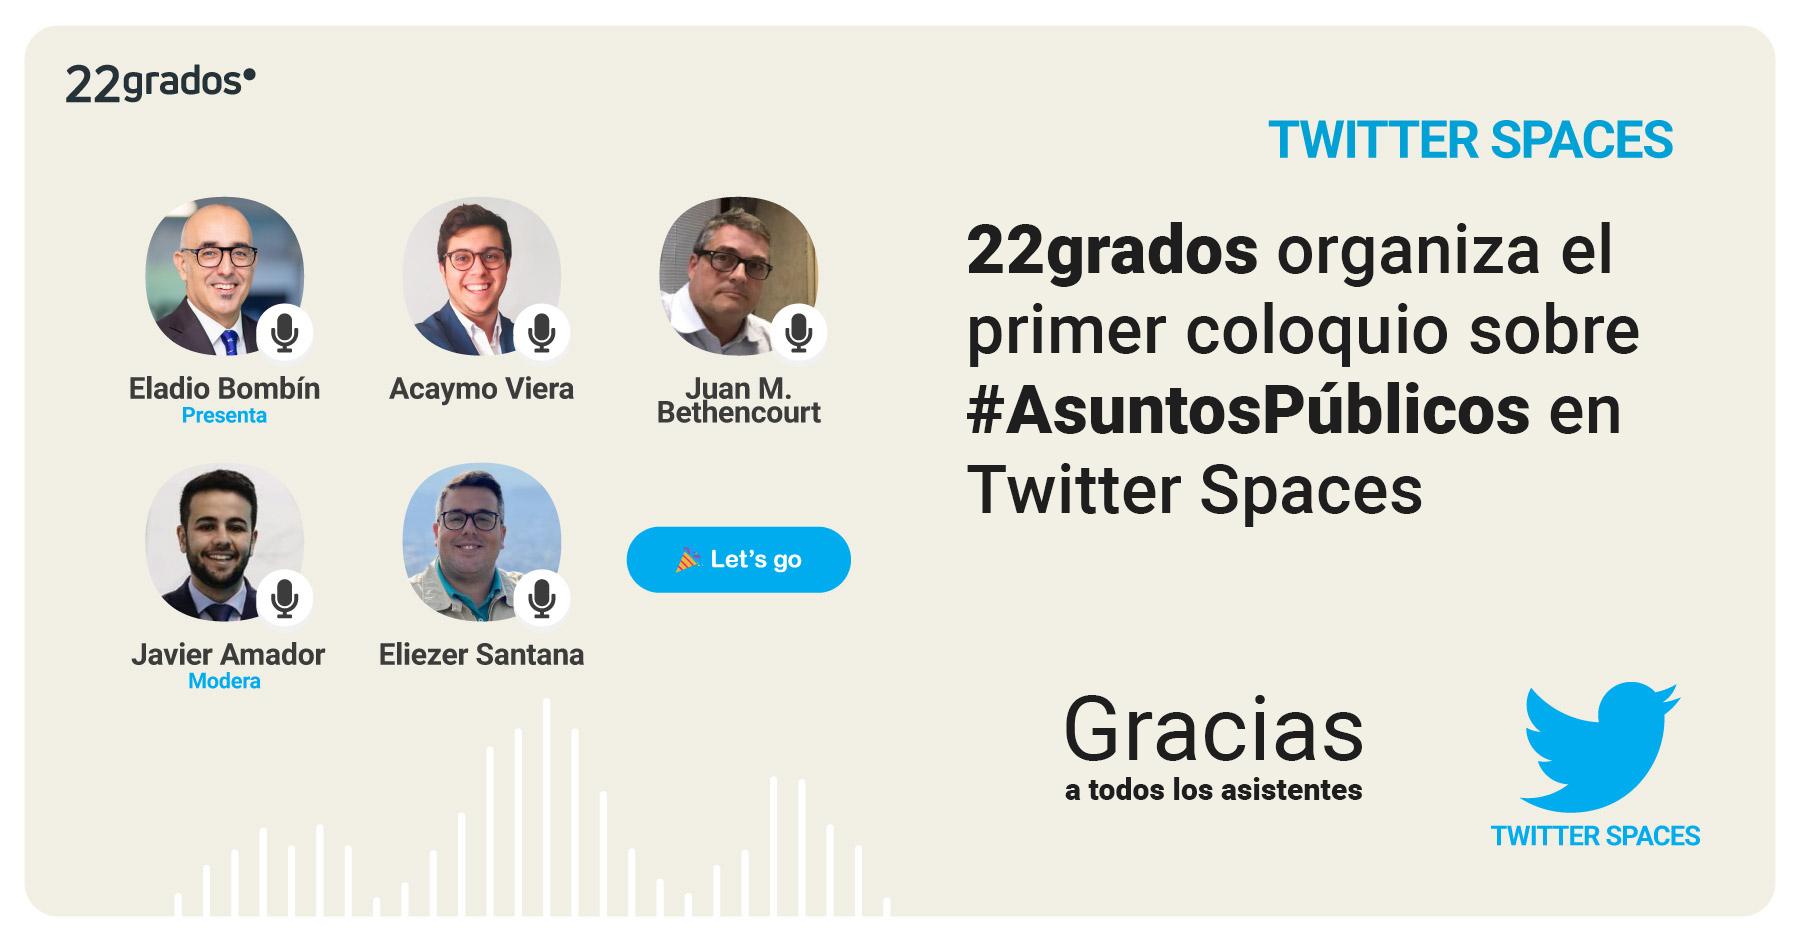 22grados organiza el primer coloquio sobre #AsuntosPúblicos en Twitter Spaces